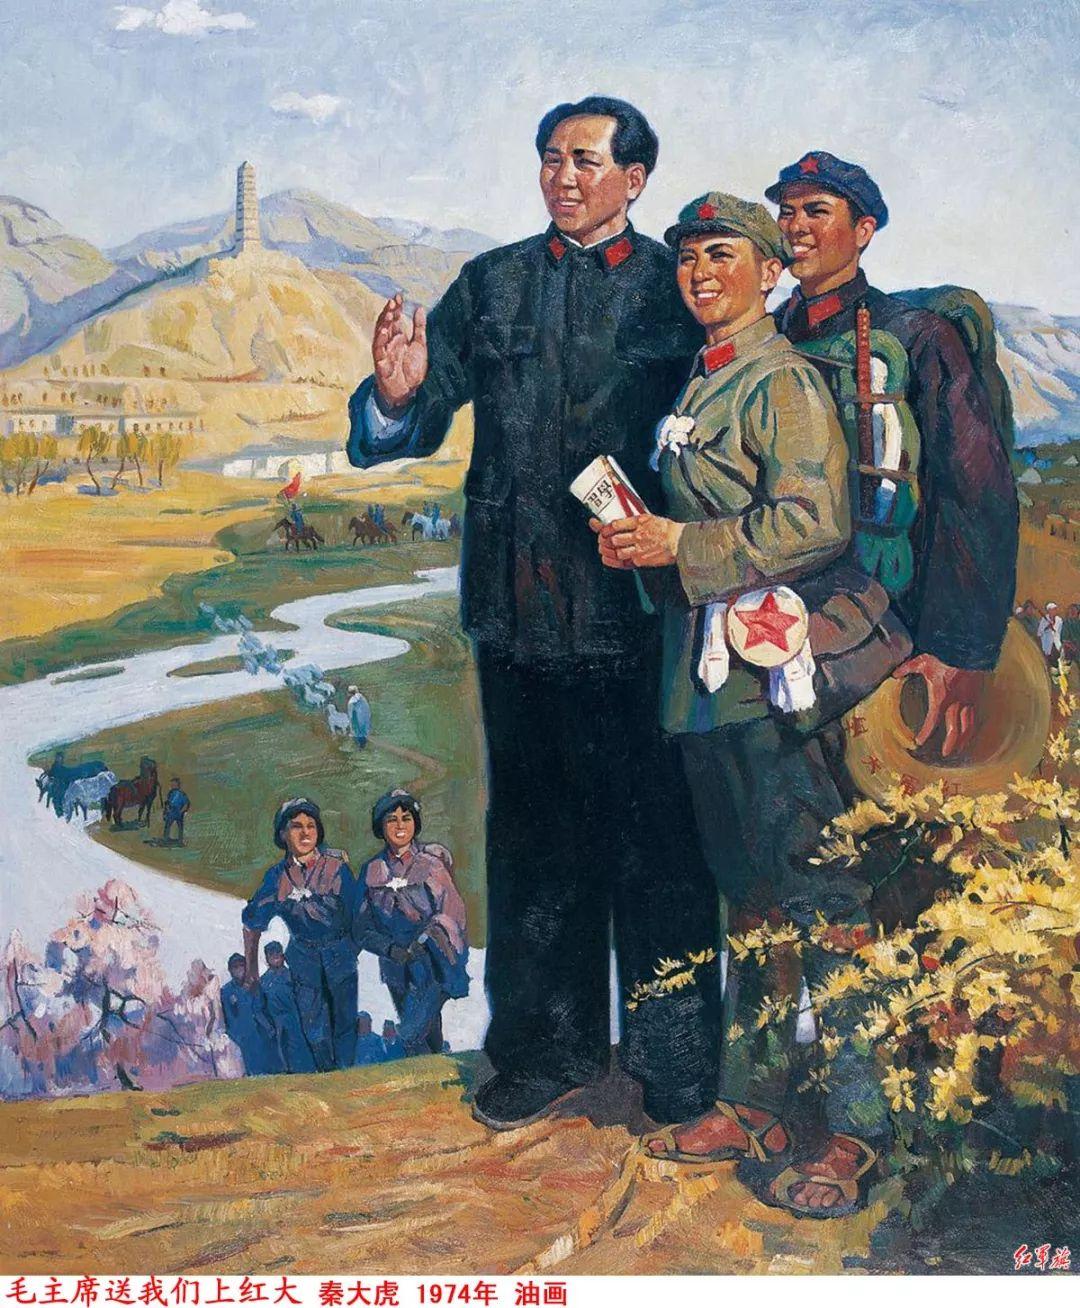 画家笔下的毛主席 缅怀毛主席逝世43周年插图92